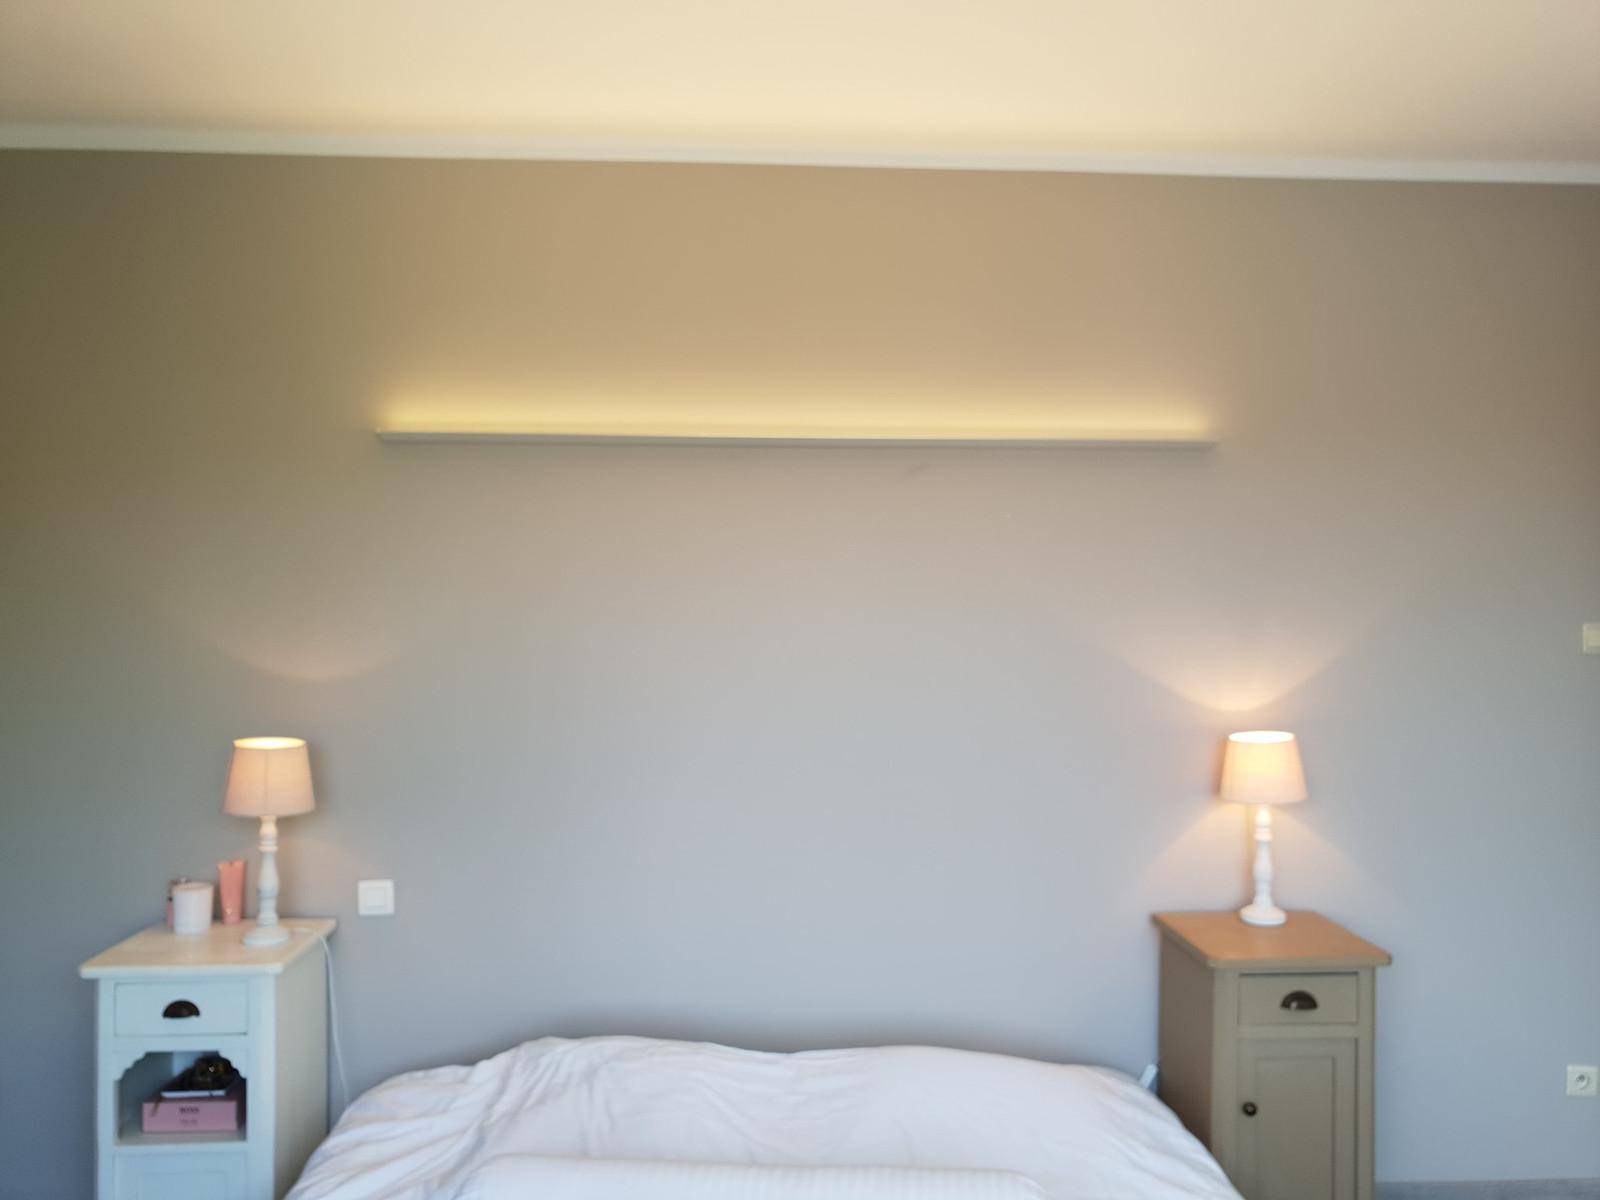 Led strip aluminium profiel \' opbouw. Opgehangen in slaapkamer ...